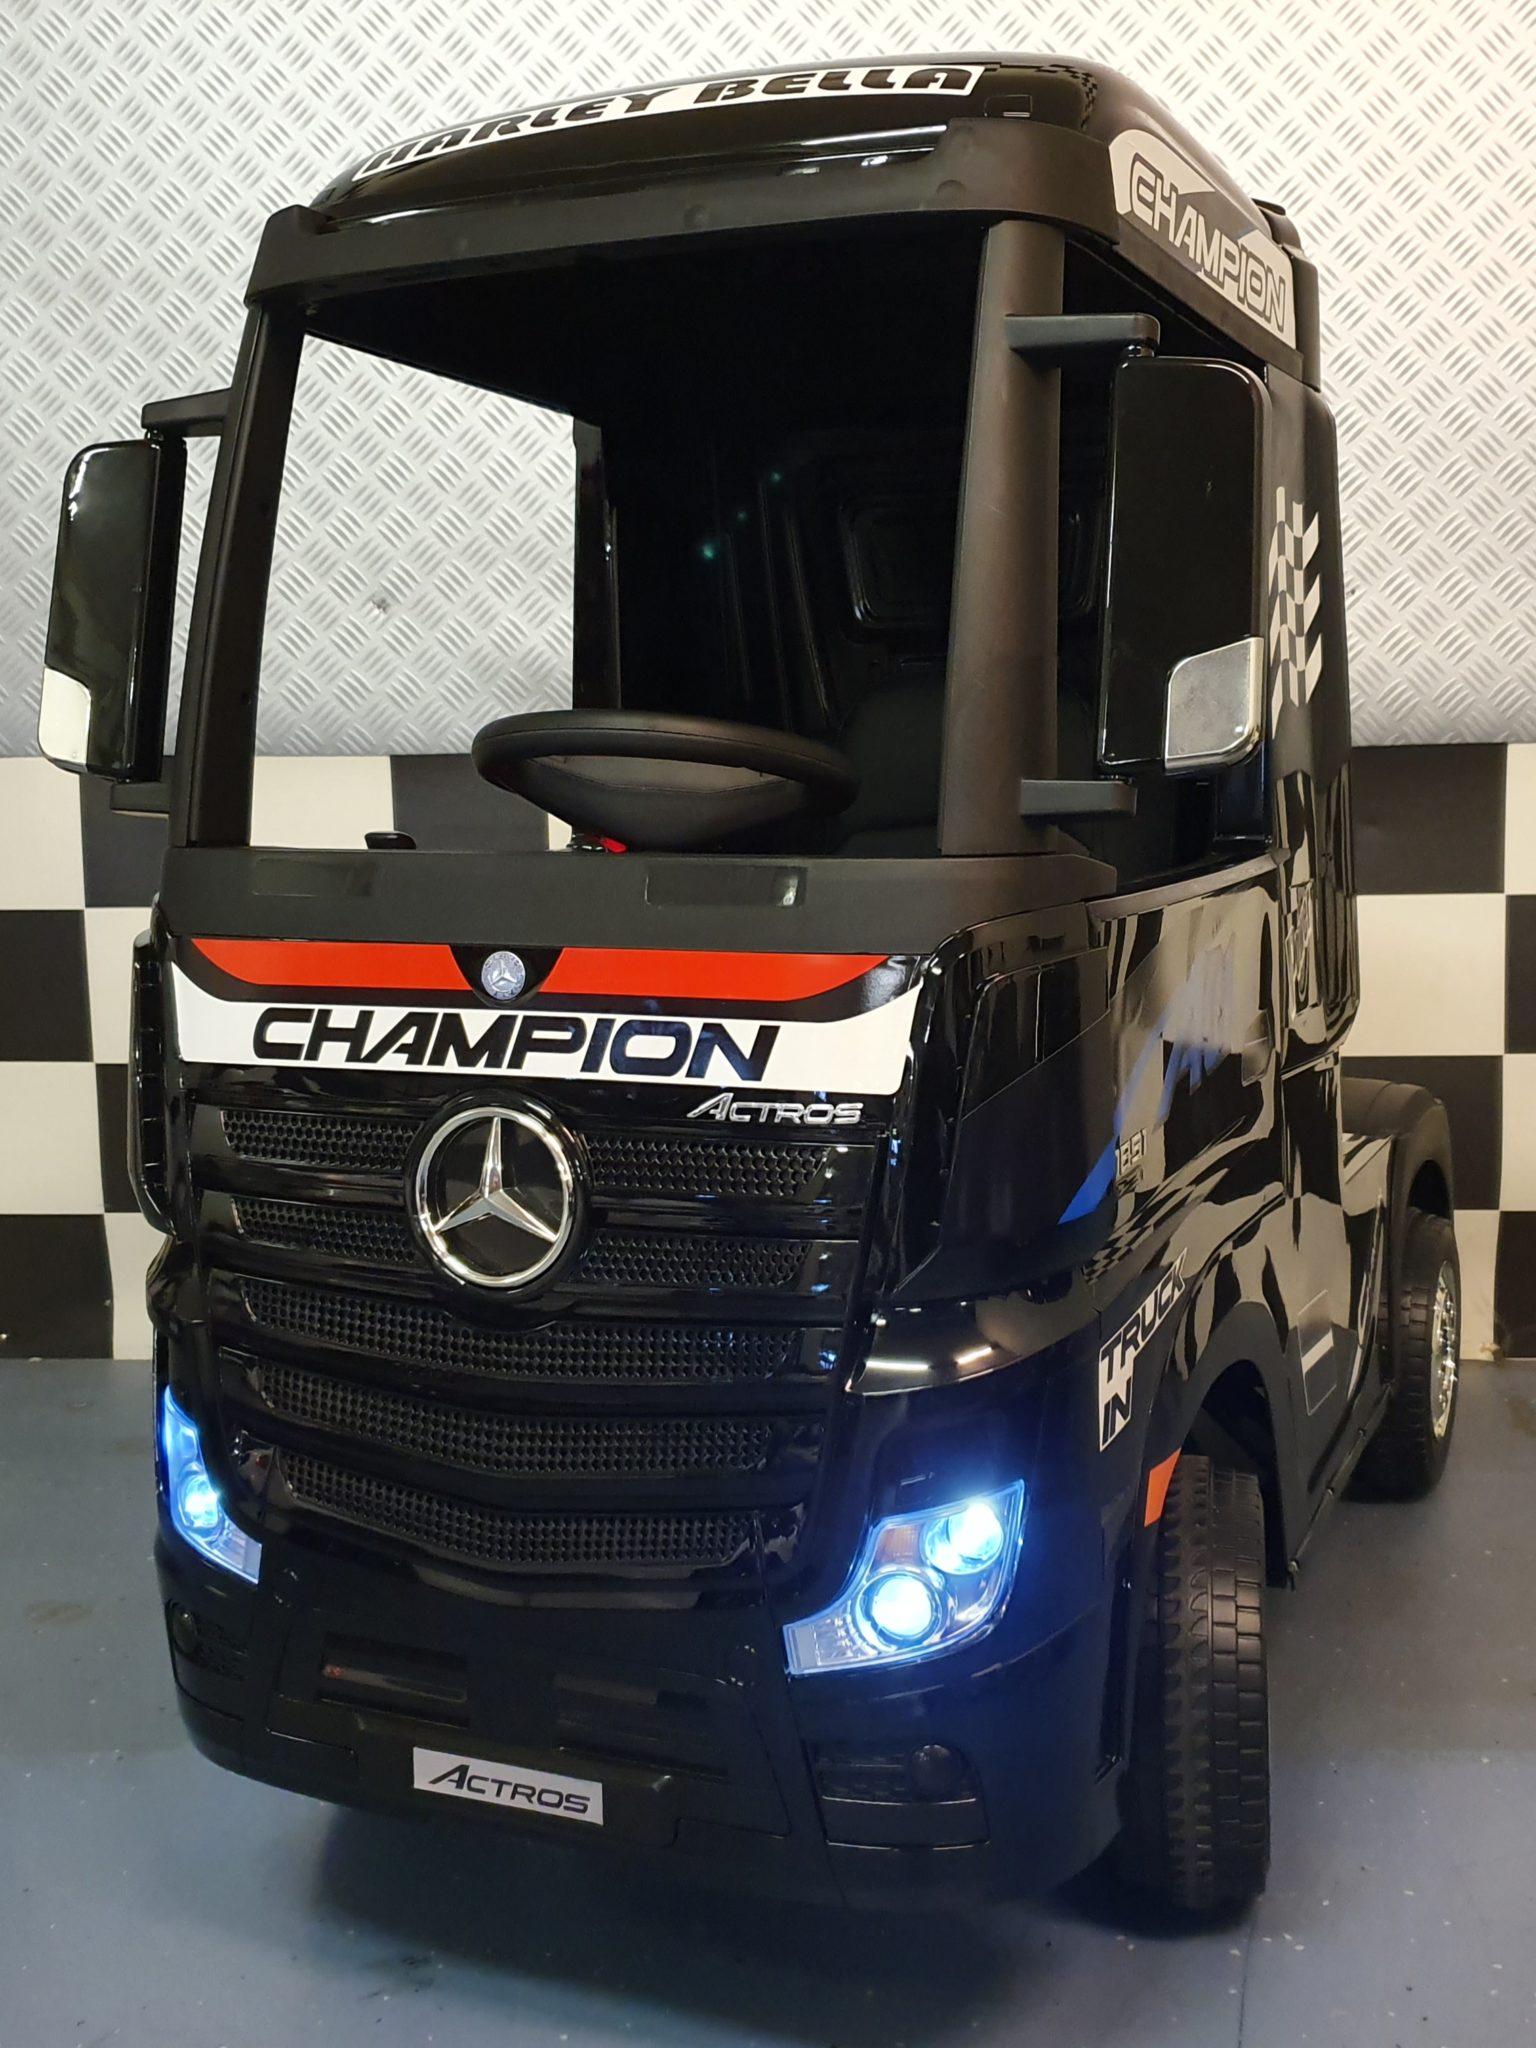 Elektrische kinder vrachtwagen Mercedes Actros met afstandbediening zwart